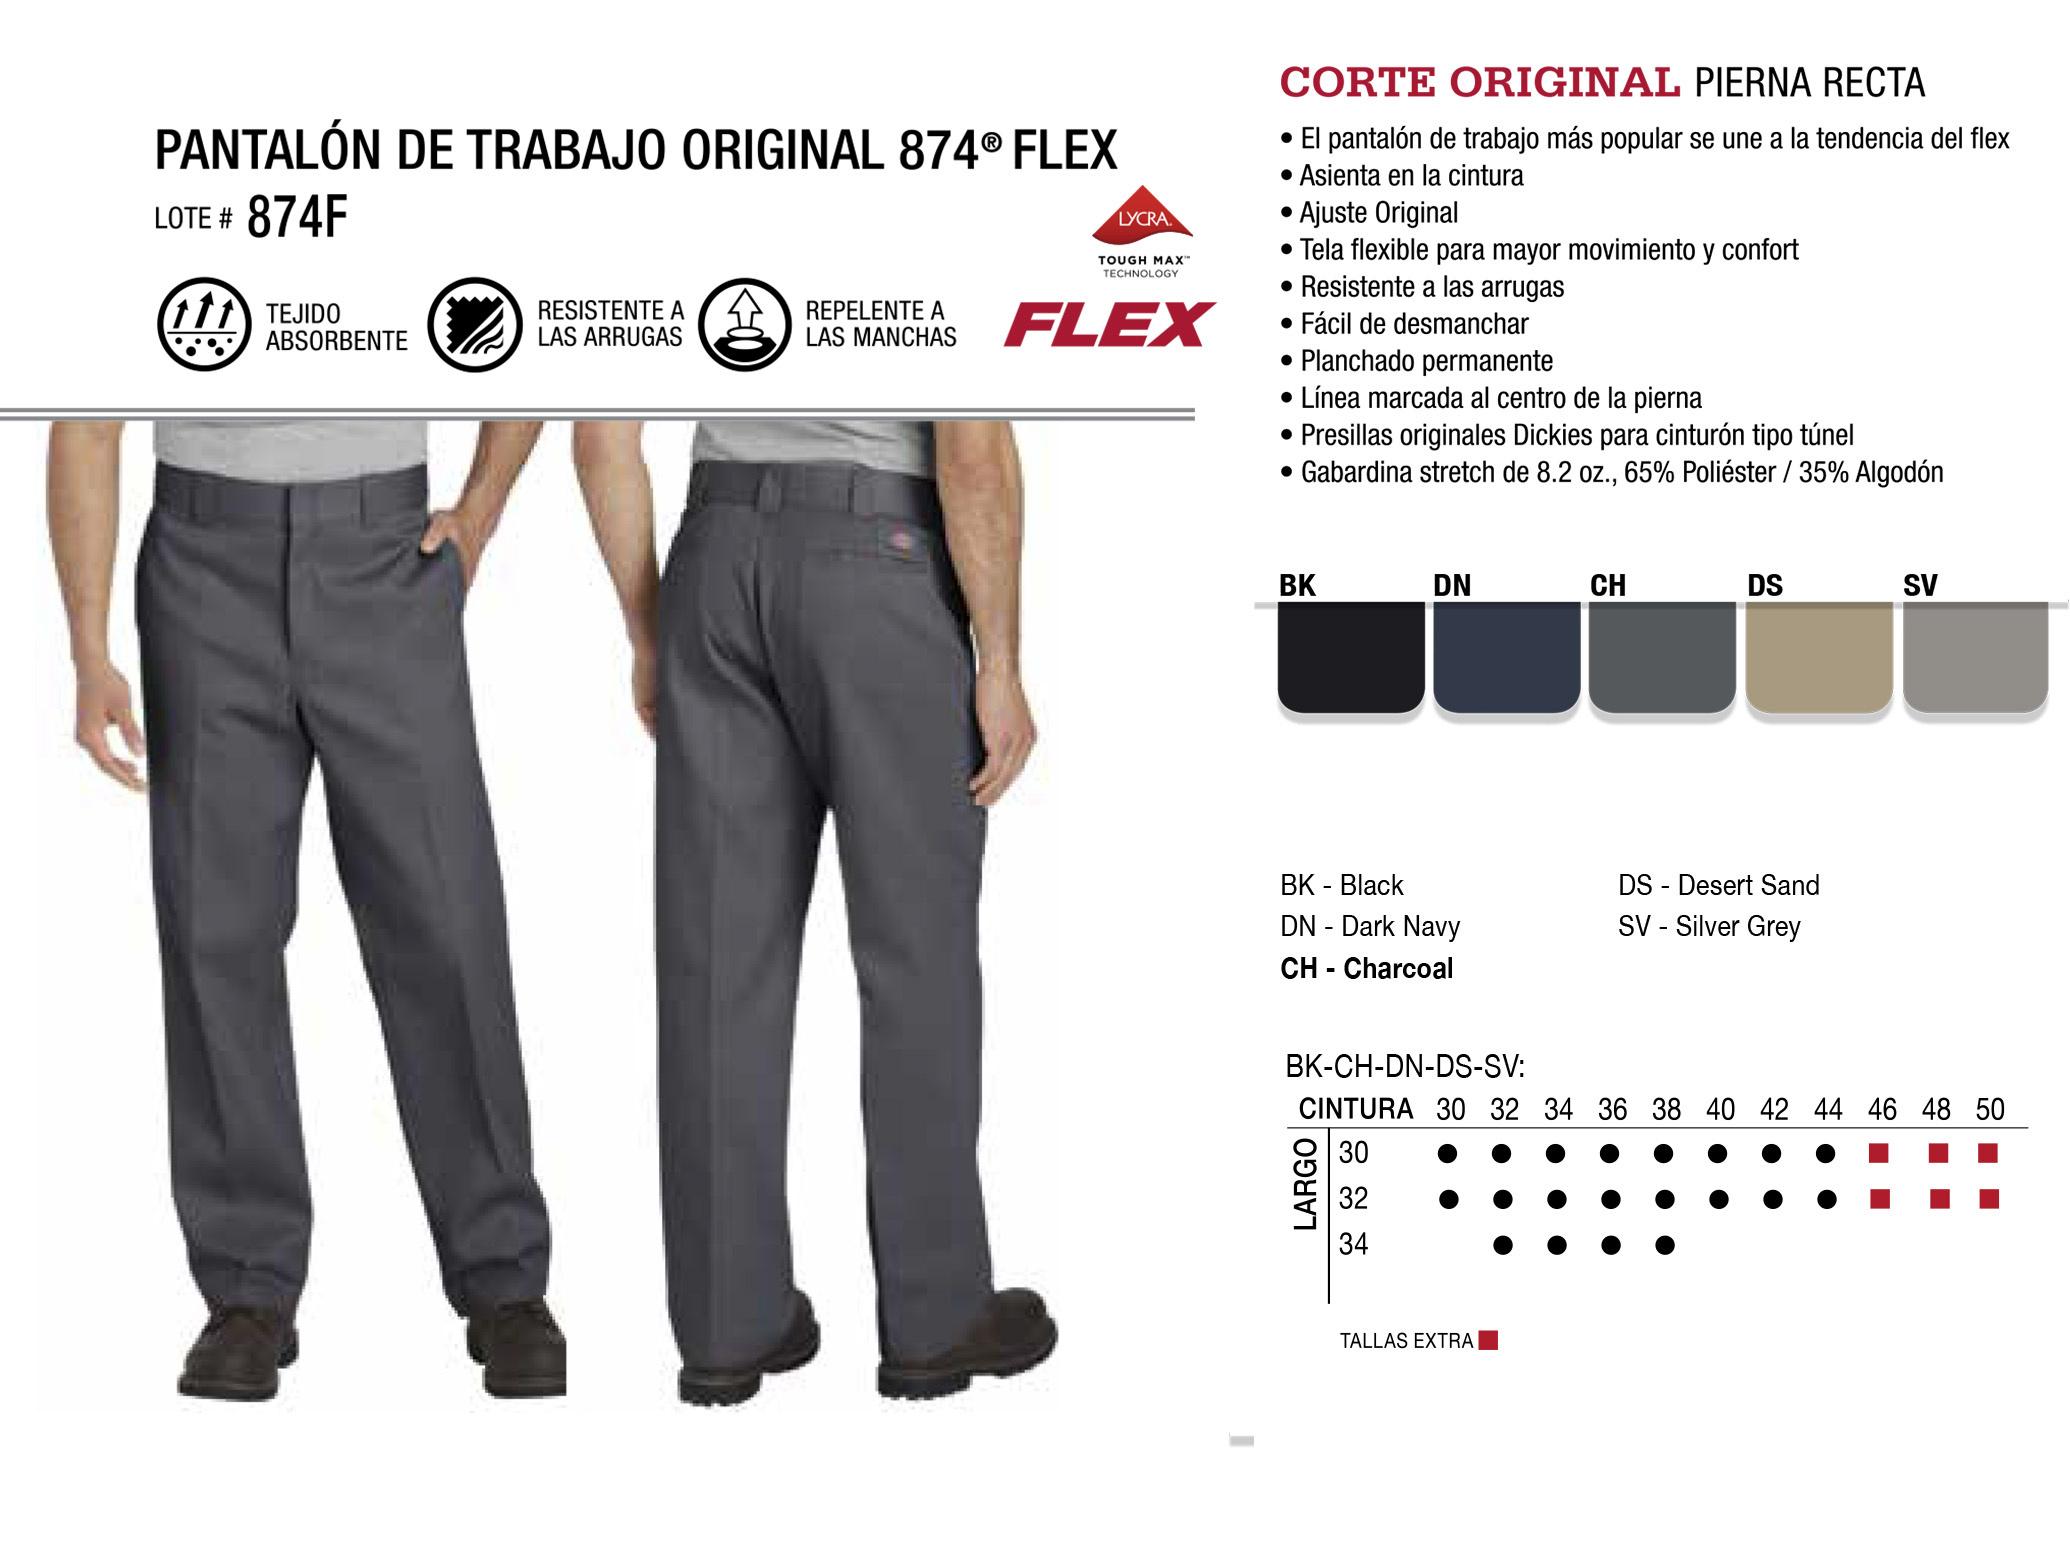 Pantalín de Trabajo Original 874 Flex. Corte Original. 874F.